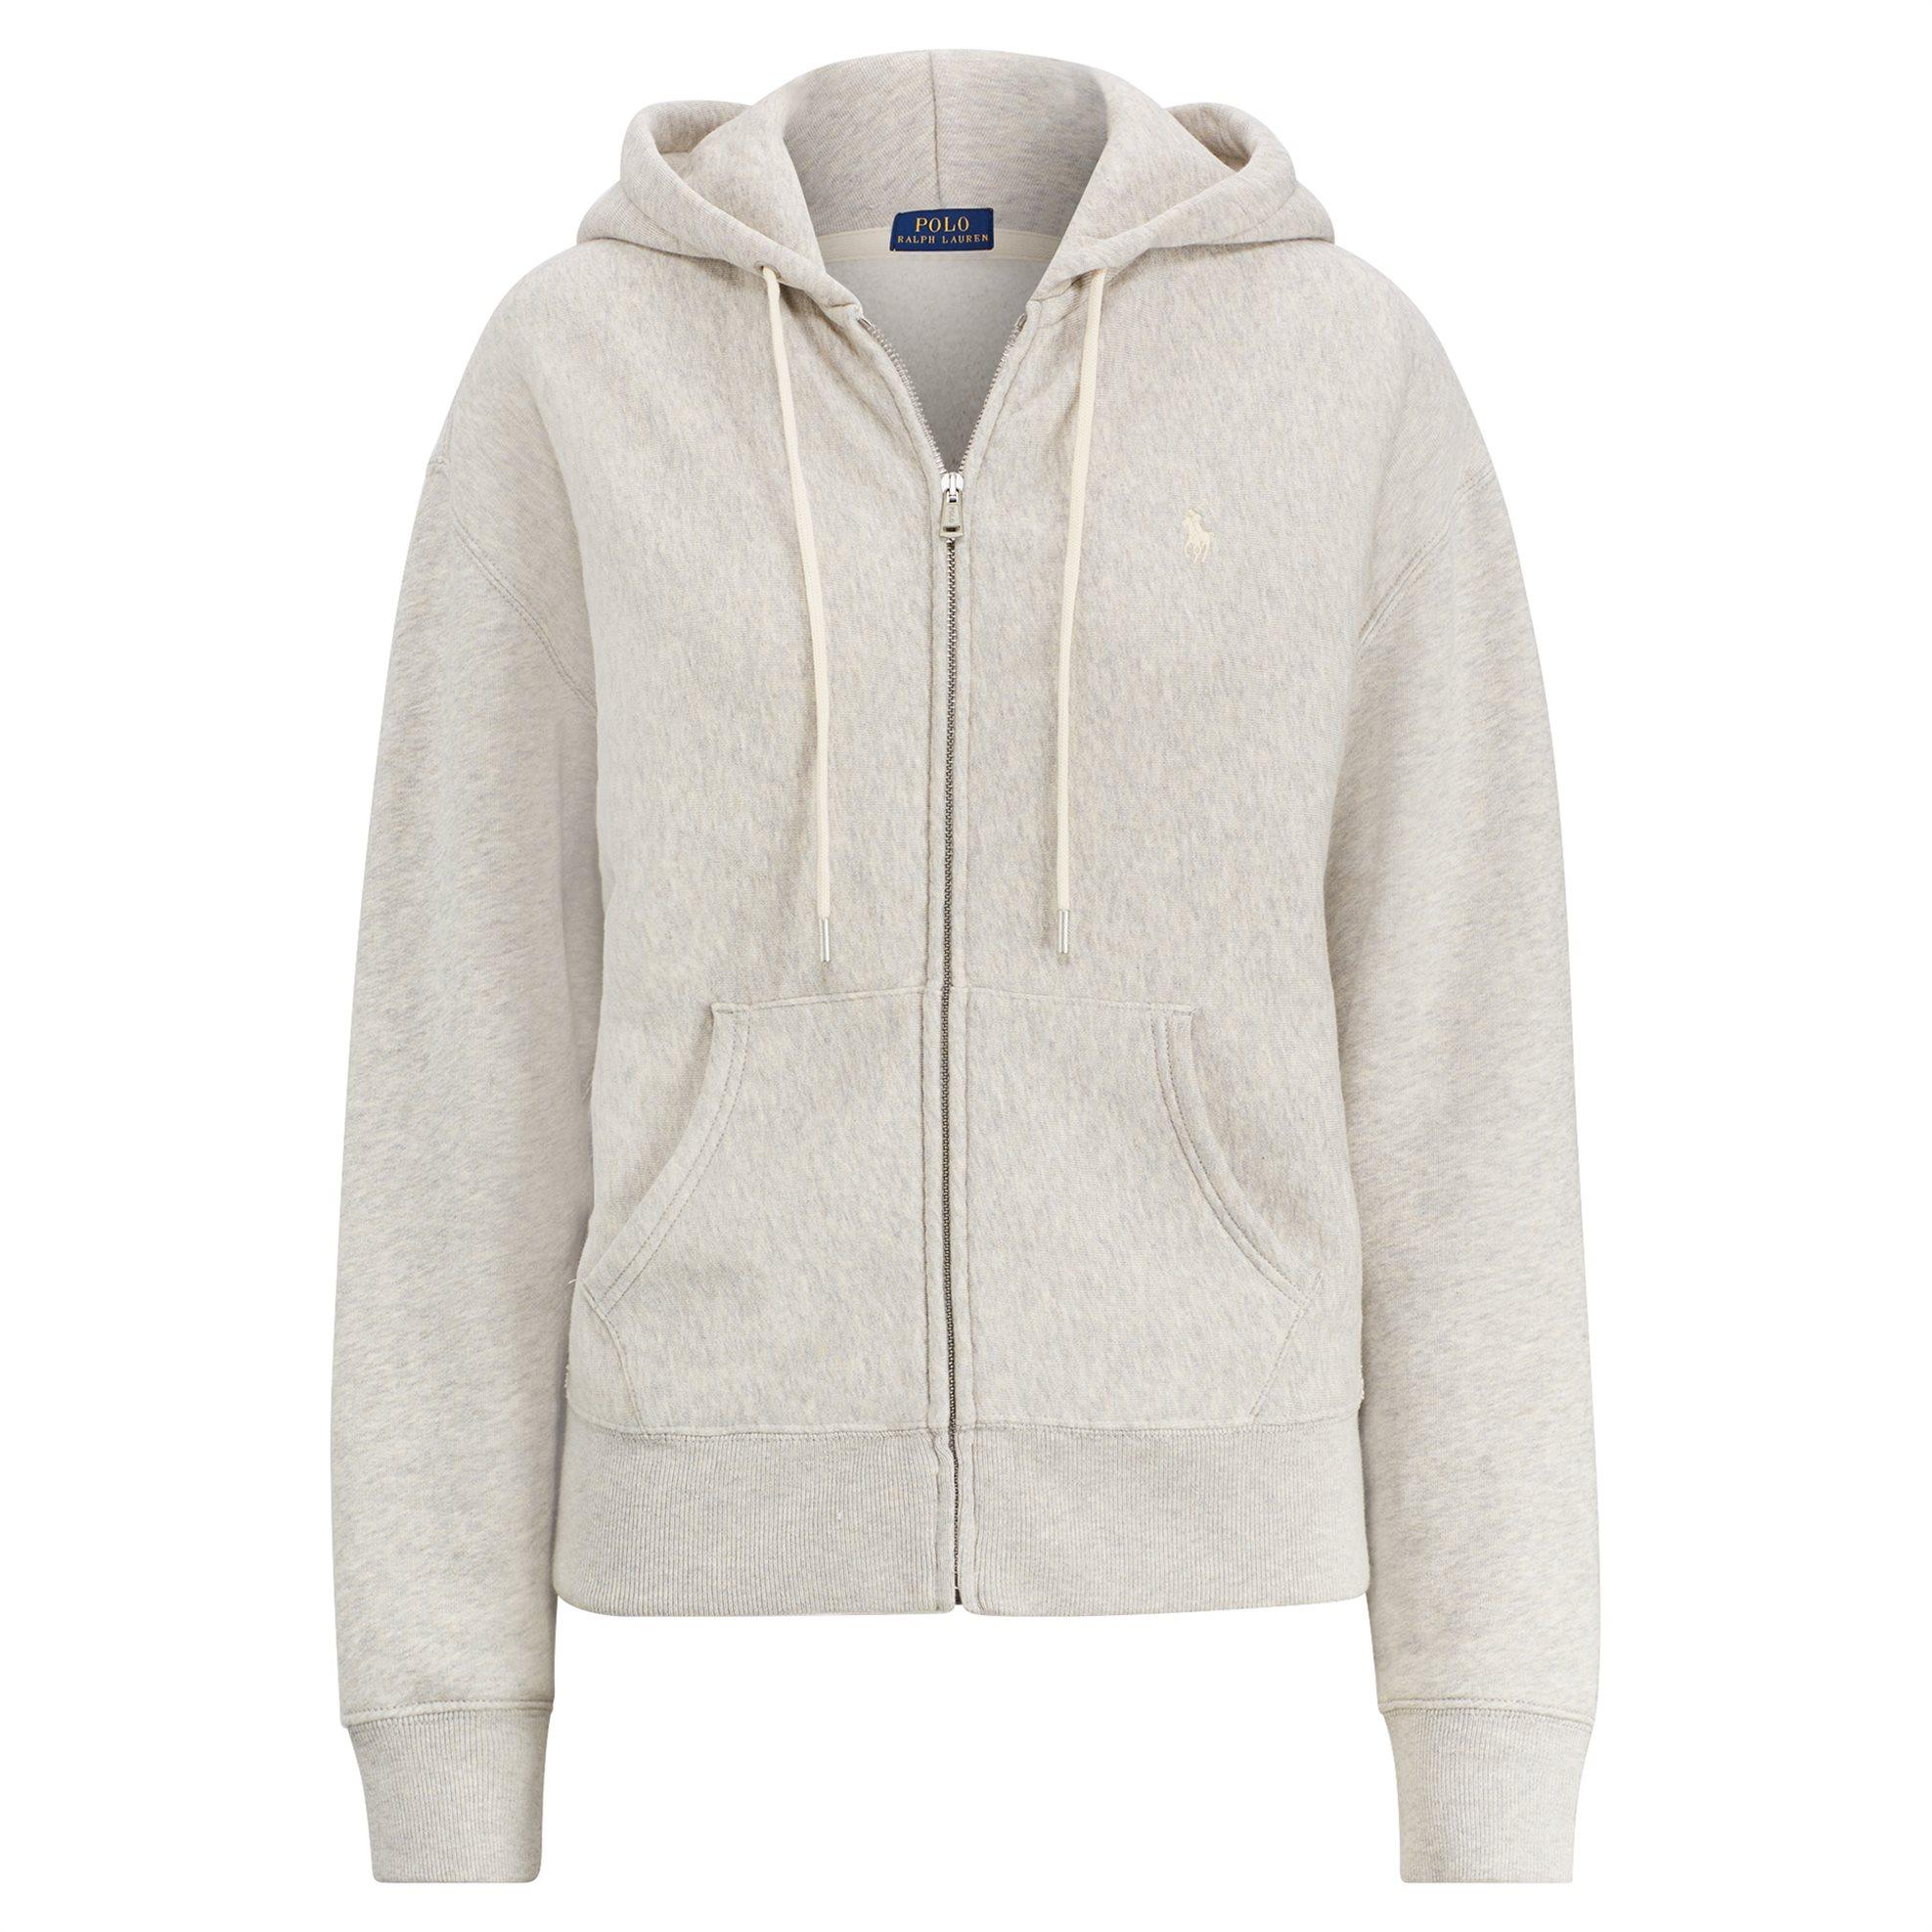 Polo Ralph Lauren γυναικεία ζακέτα - φούτερ Fleece Full-Zip Hoodie LT Sport Heat γυναικα   ρουχα   tops   φούτερ μπλούζες   ζακέτες